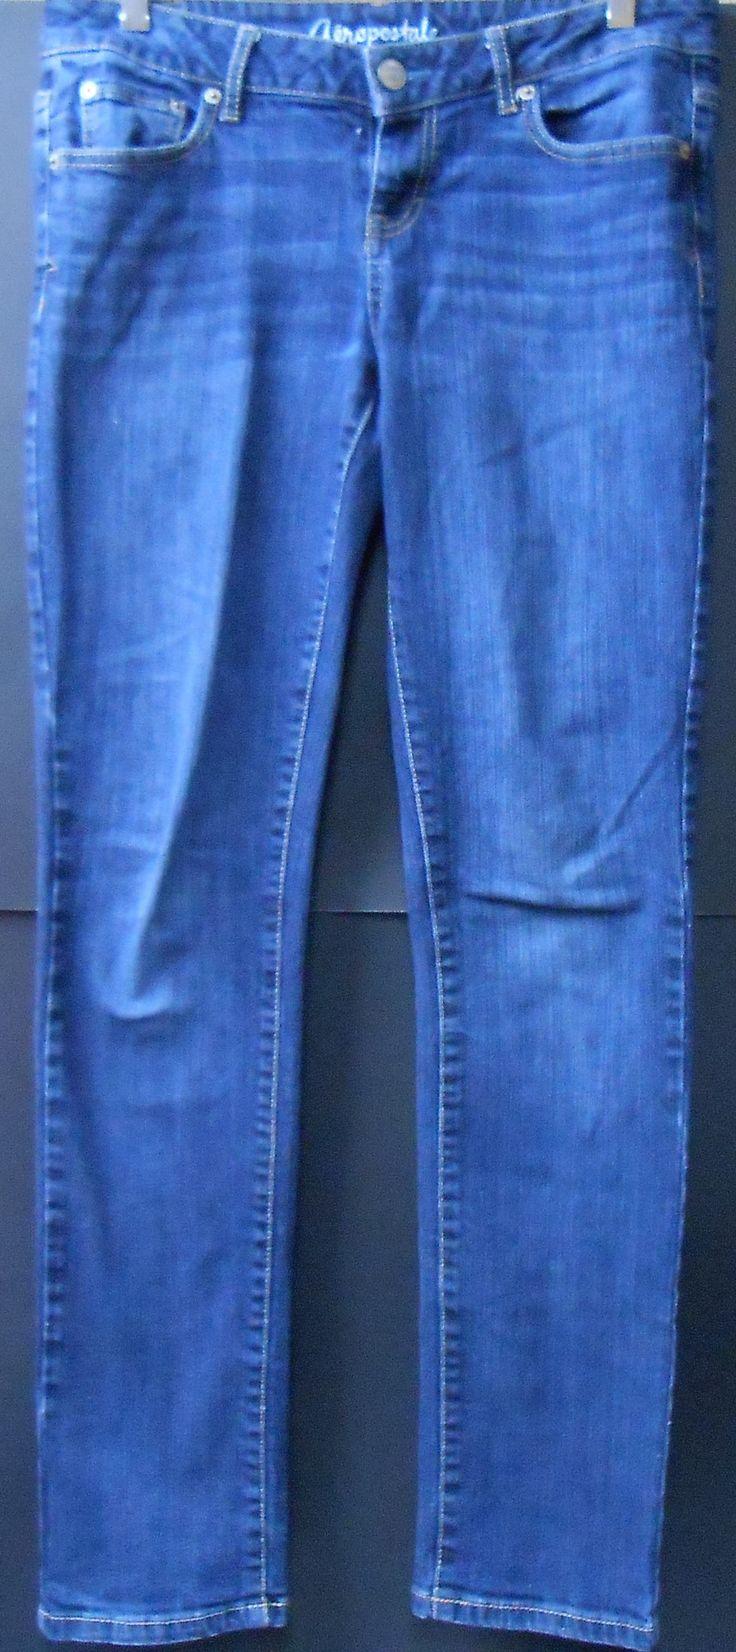 Aeropostale Size 8 Regular Women's Skinny Jeans